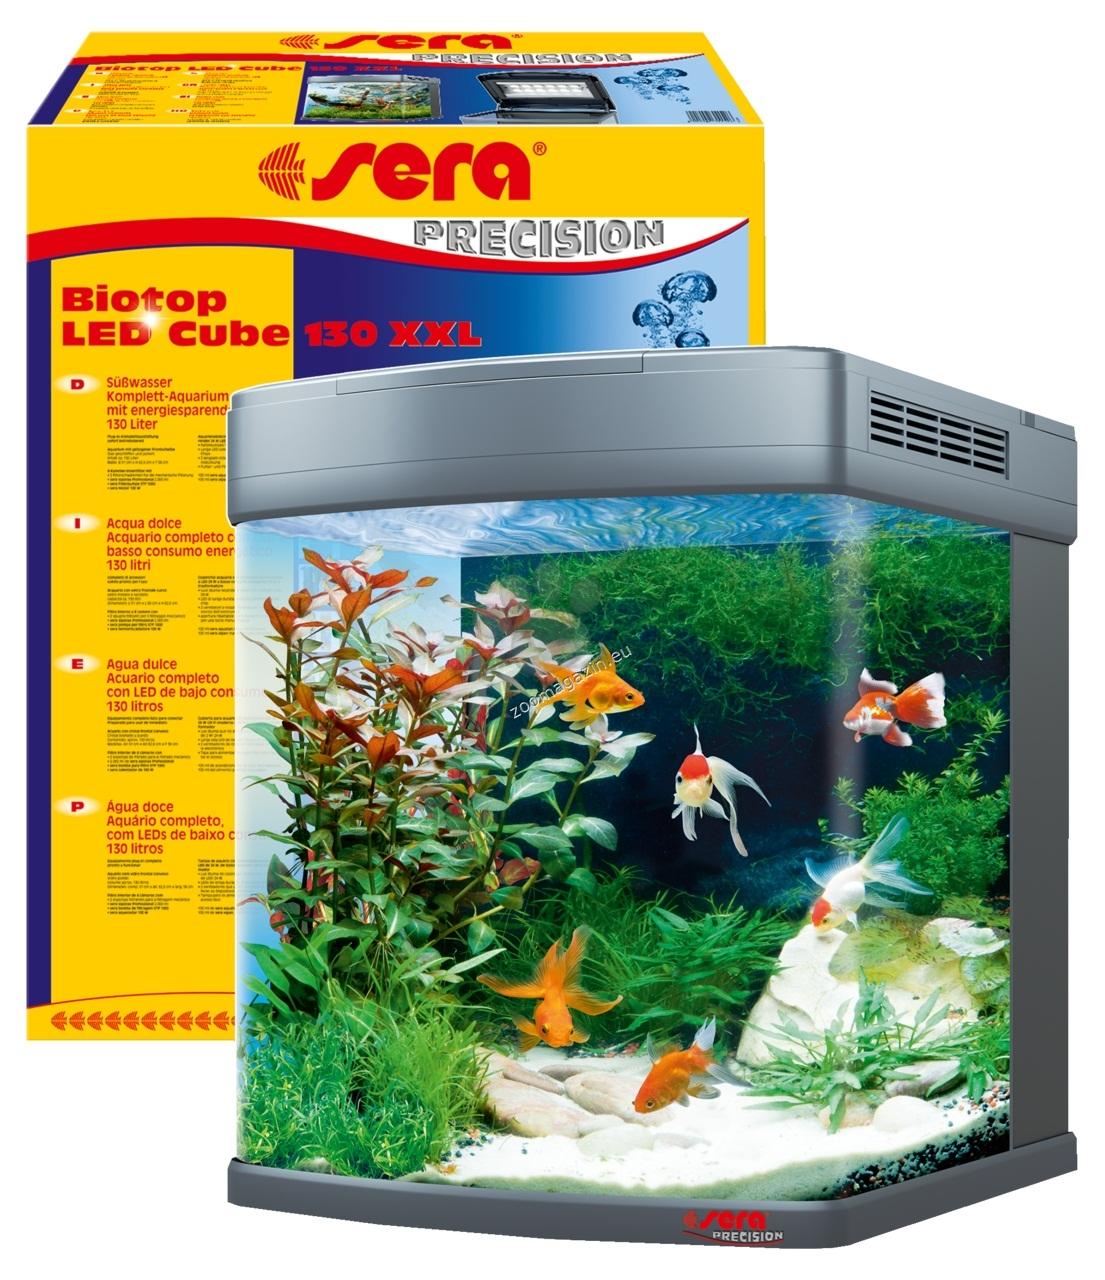 Sera - Biotop LED Cube  130 - аквариум с пълно оборудване 51 / 62.6 / 58 см. 130 литра